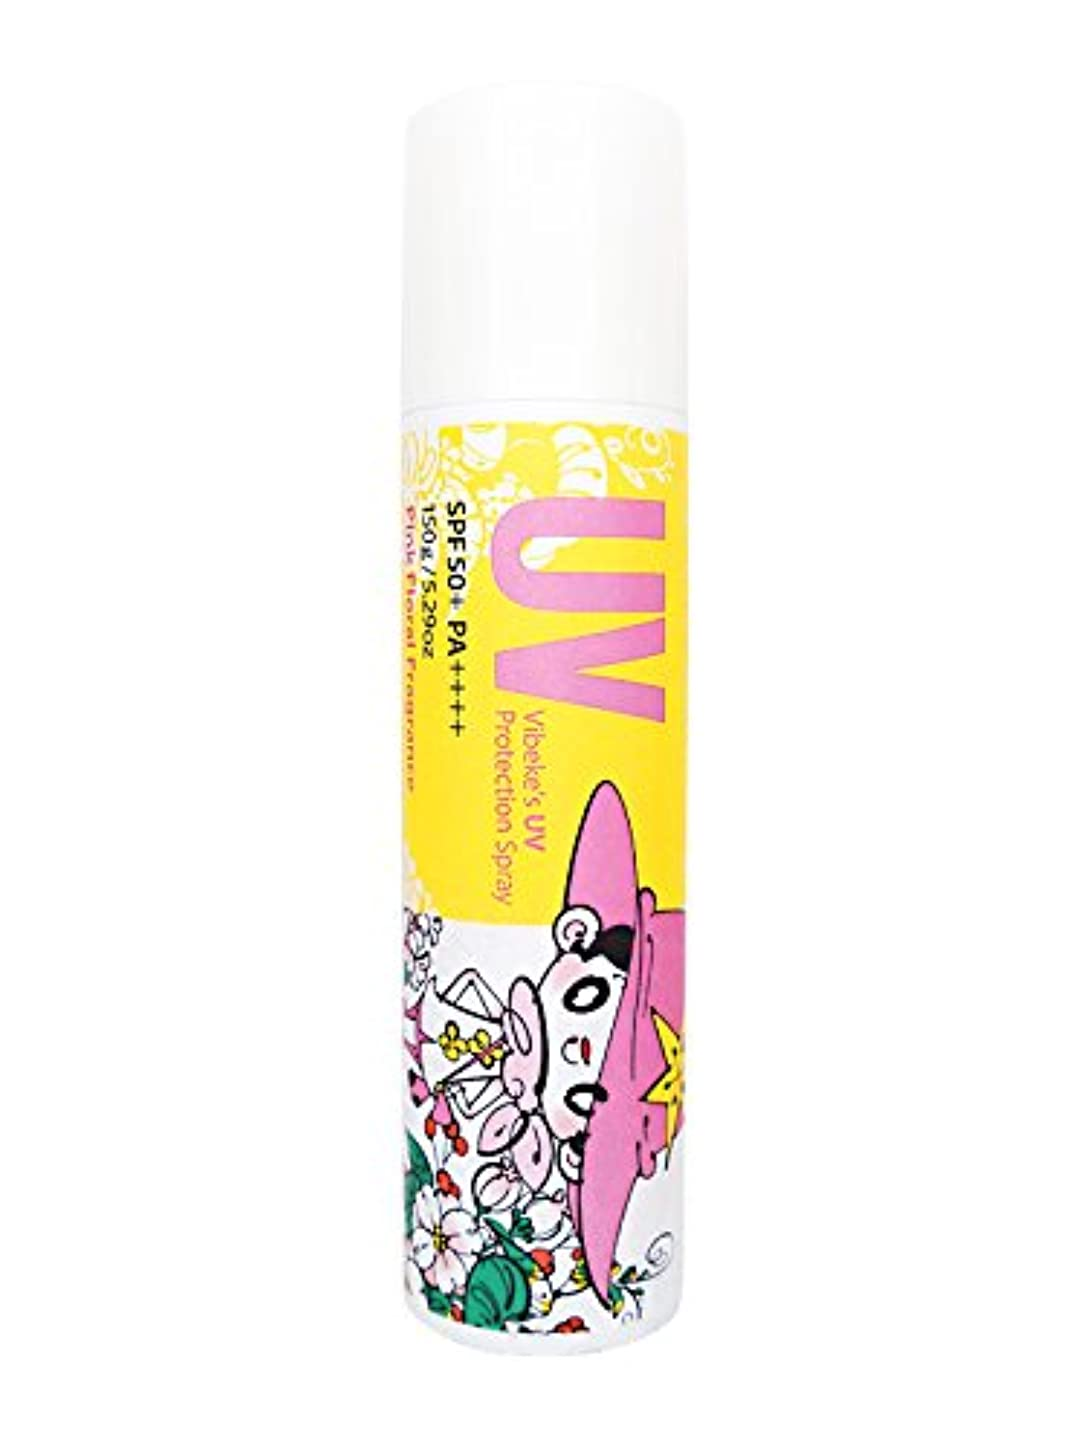 海嶺ライセンス異邦人ビベッケの全身まるごとサラサラUVスプレー SPF50+ PA++++ 150g ピンクフローラルの香り